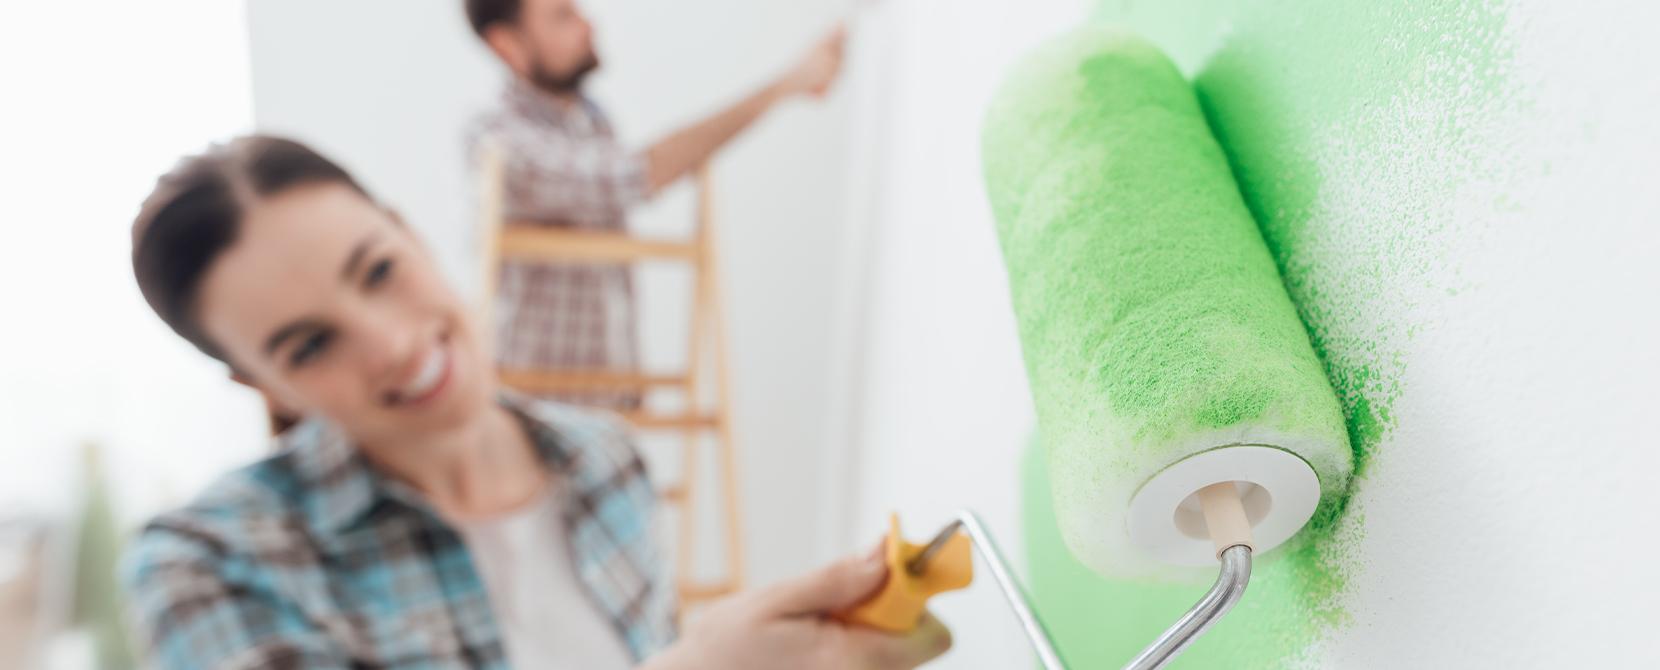 ローラー塗装時に塗料が飛散しにくい塗料_メイン画像